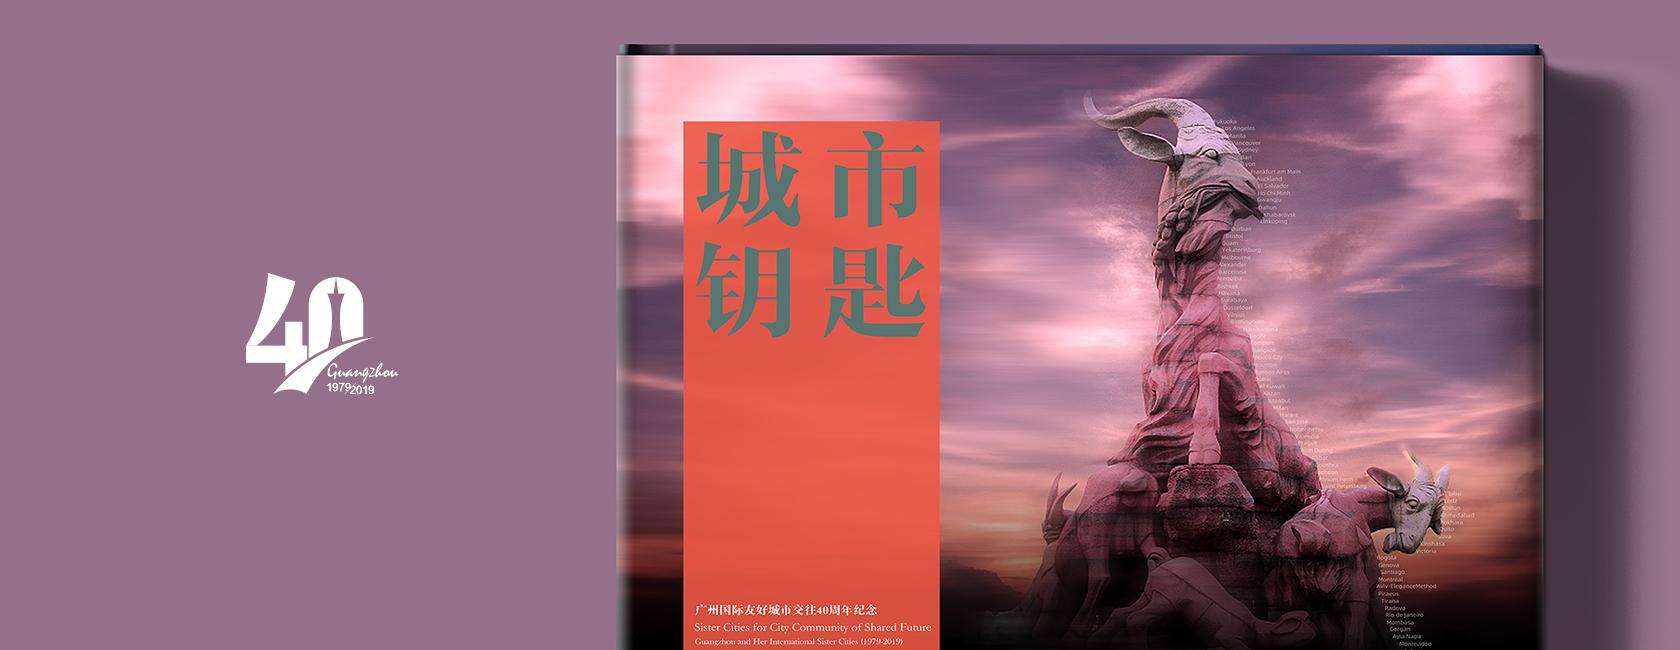 友诚40周年纪念册